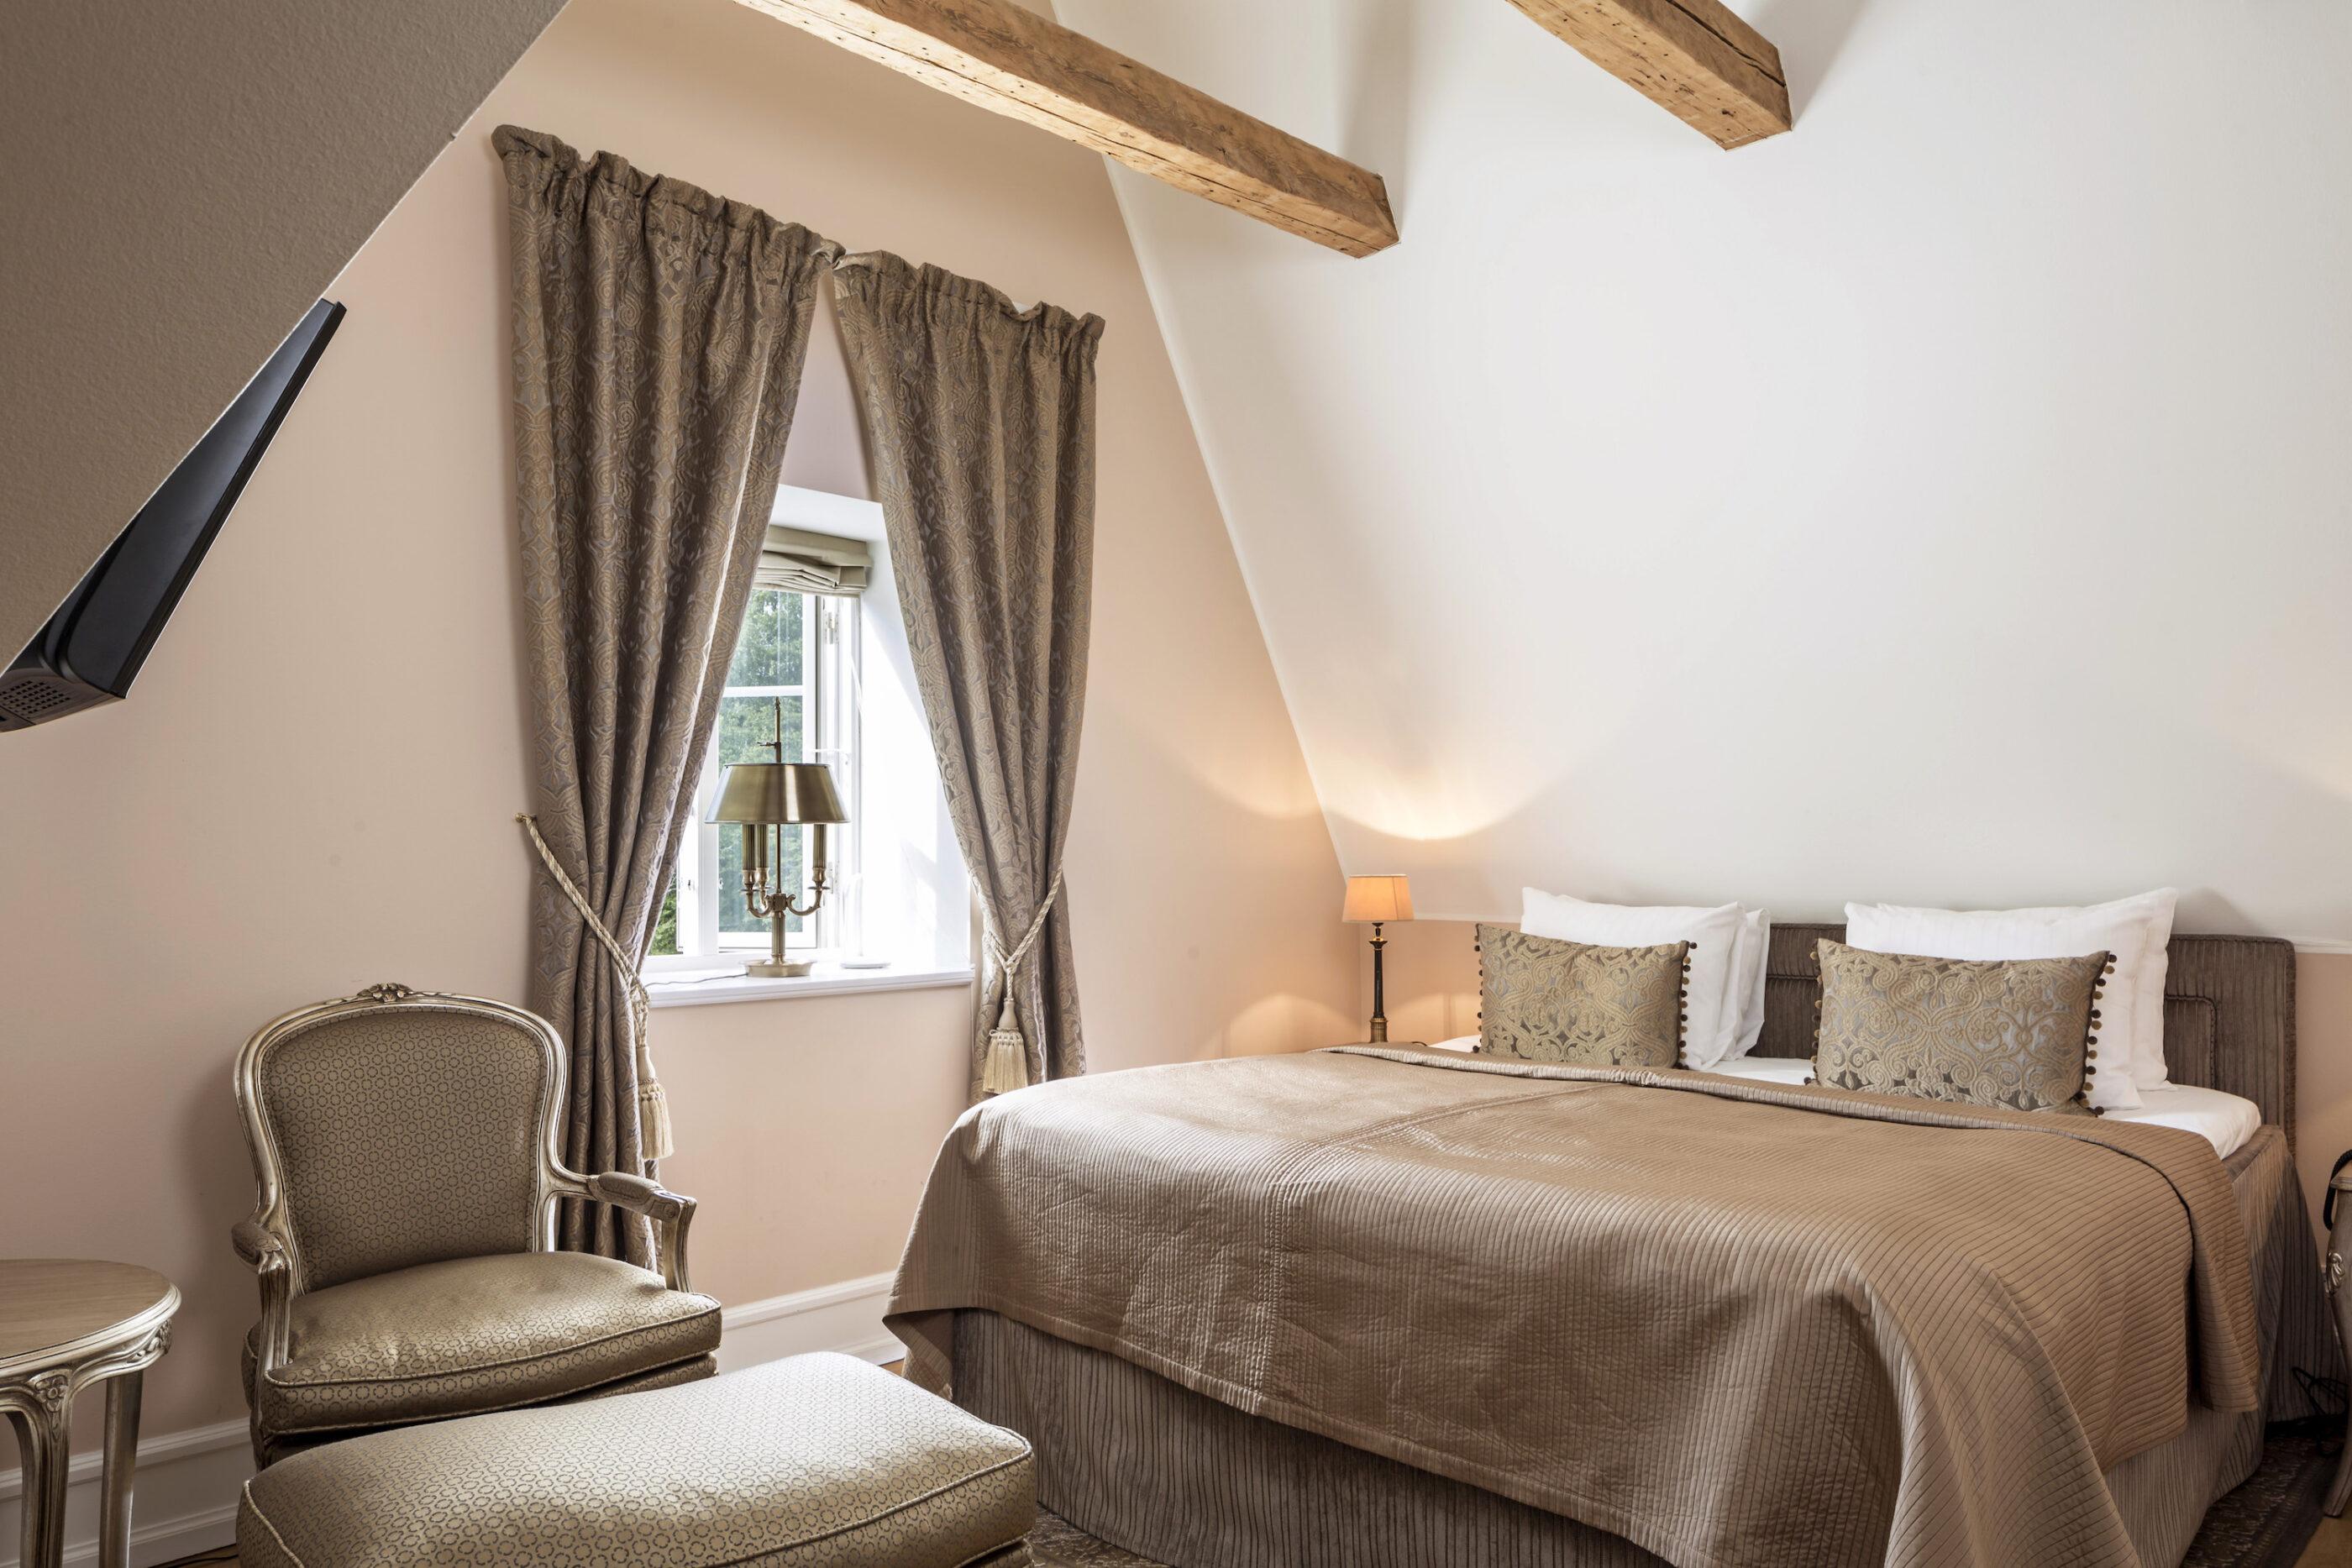 Et loft-soveværelse med klassisk indretning